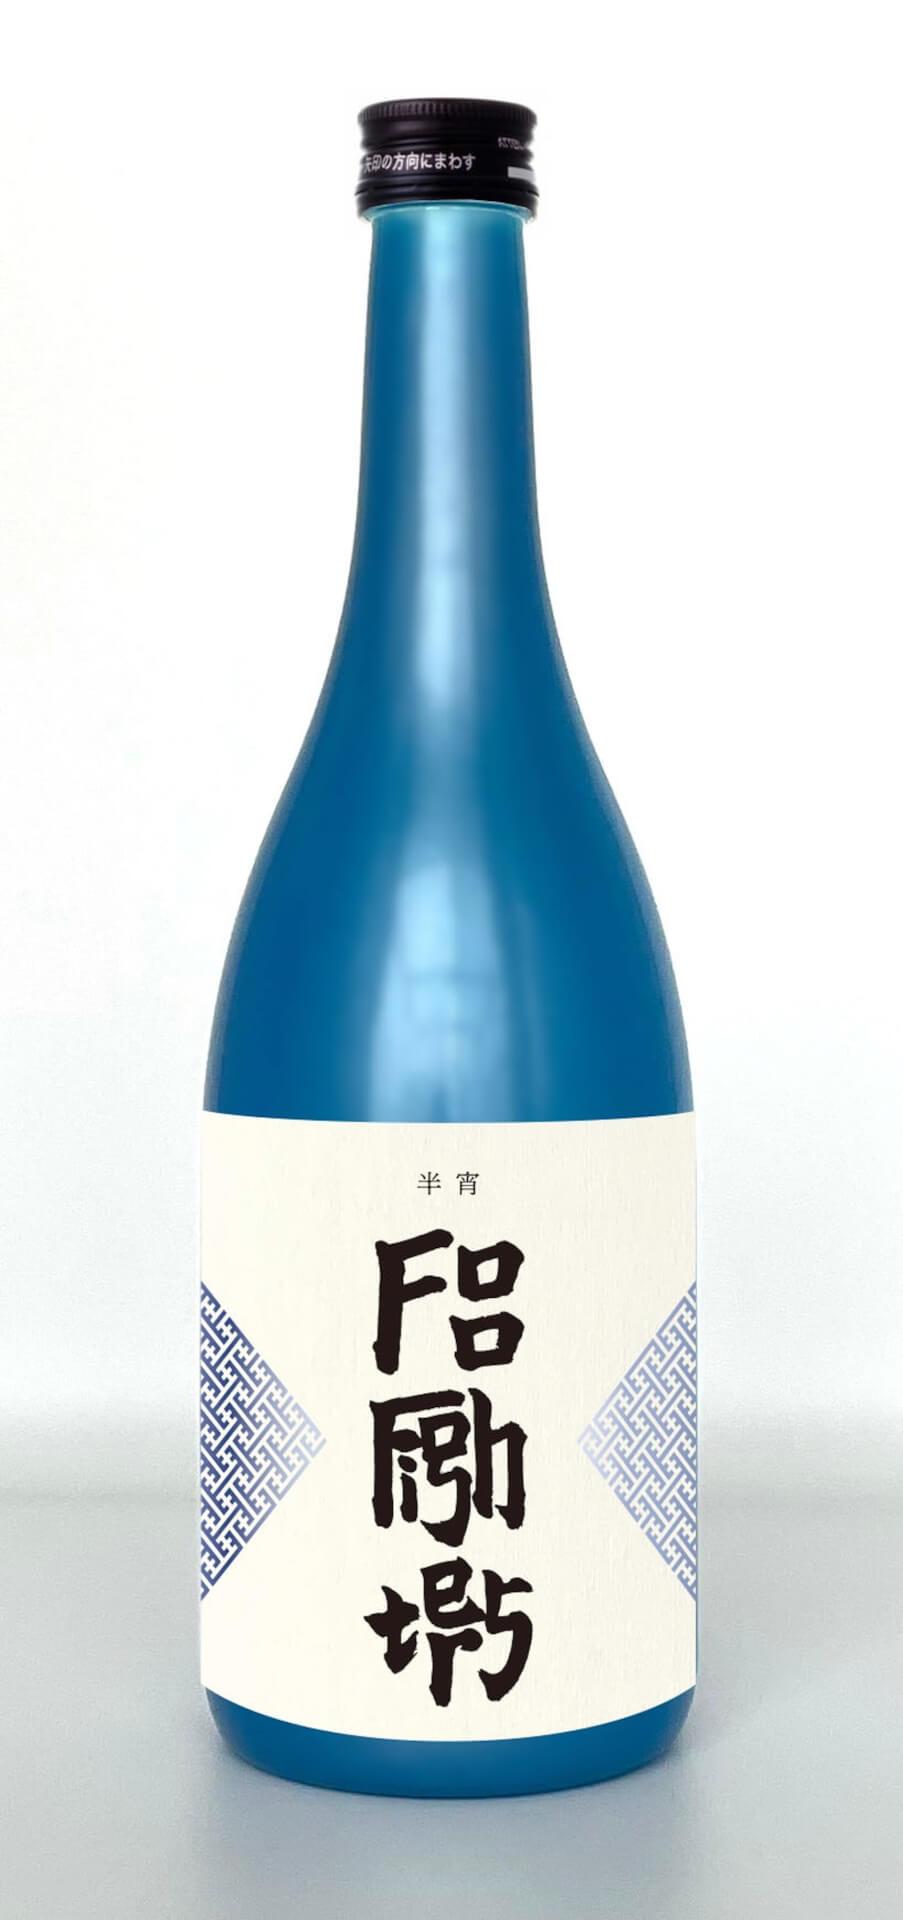 フー・ファイターズがオリジナル日本酒「半宵」をニューアルバムと同時リリース!楯の川酒造とコラボした純米大吟醸酒2種が限定発売 music21113_foofighters_hansyo_1